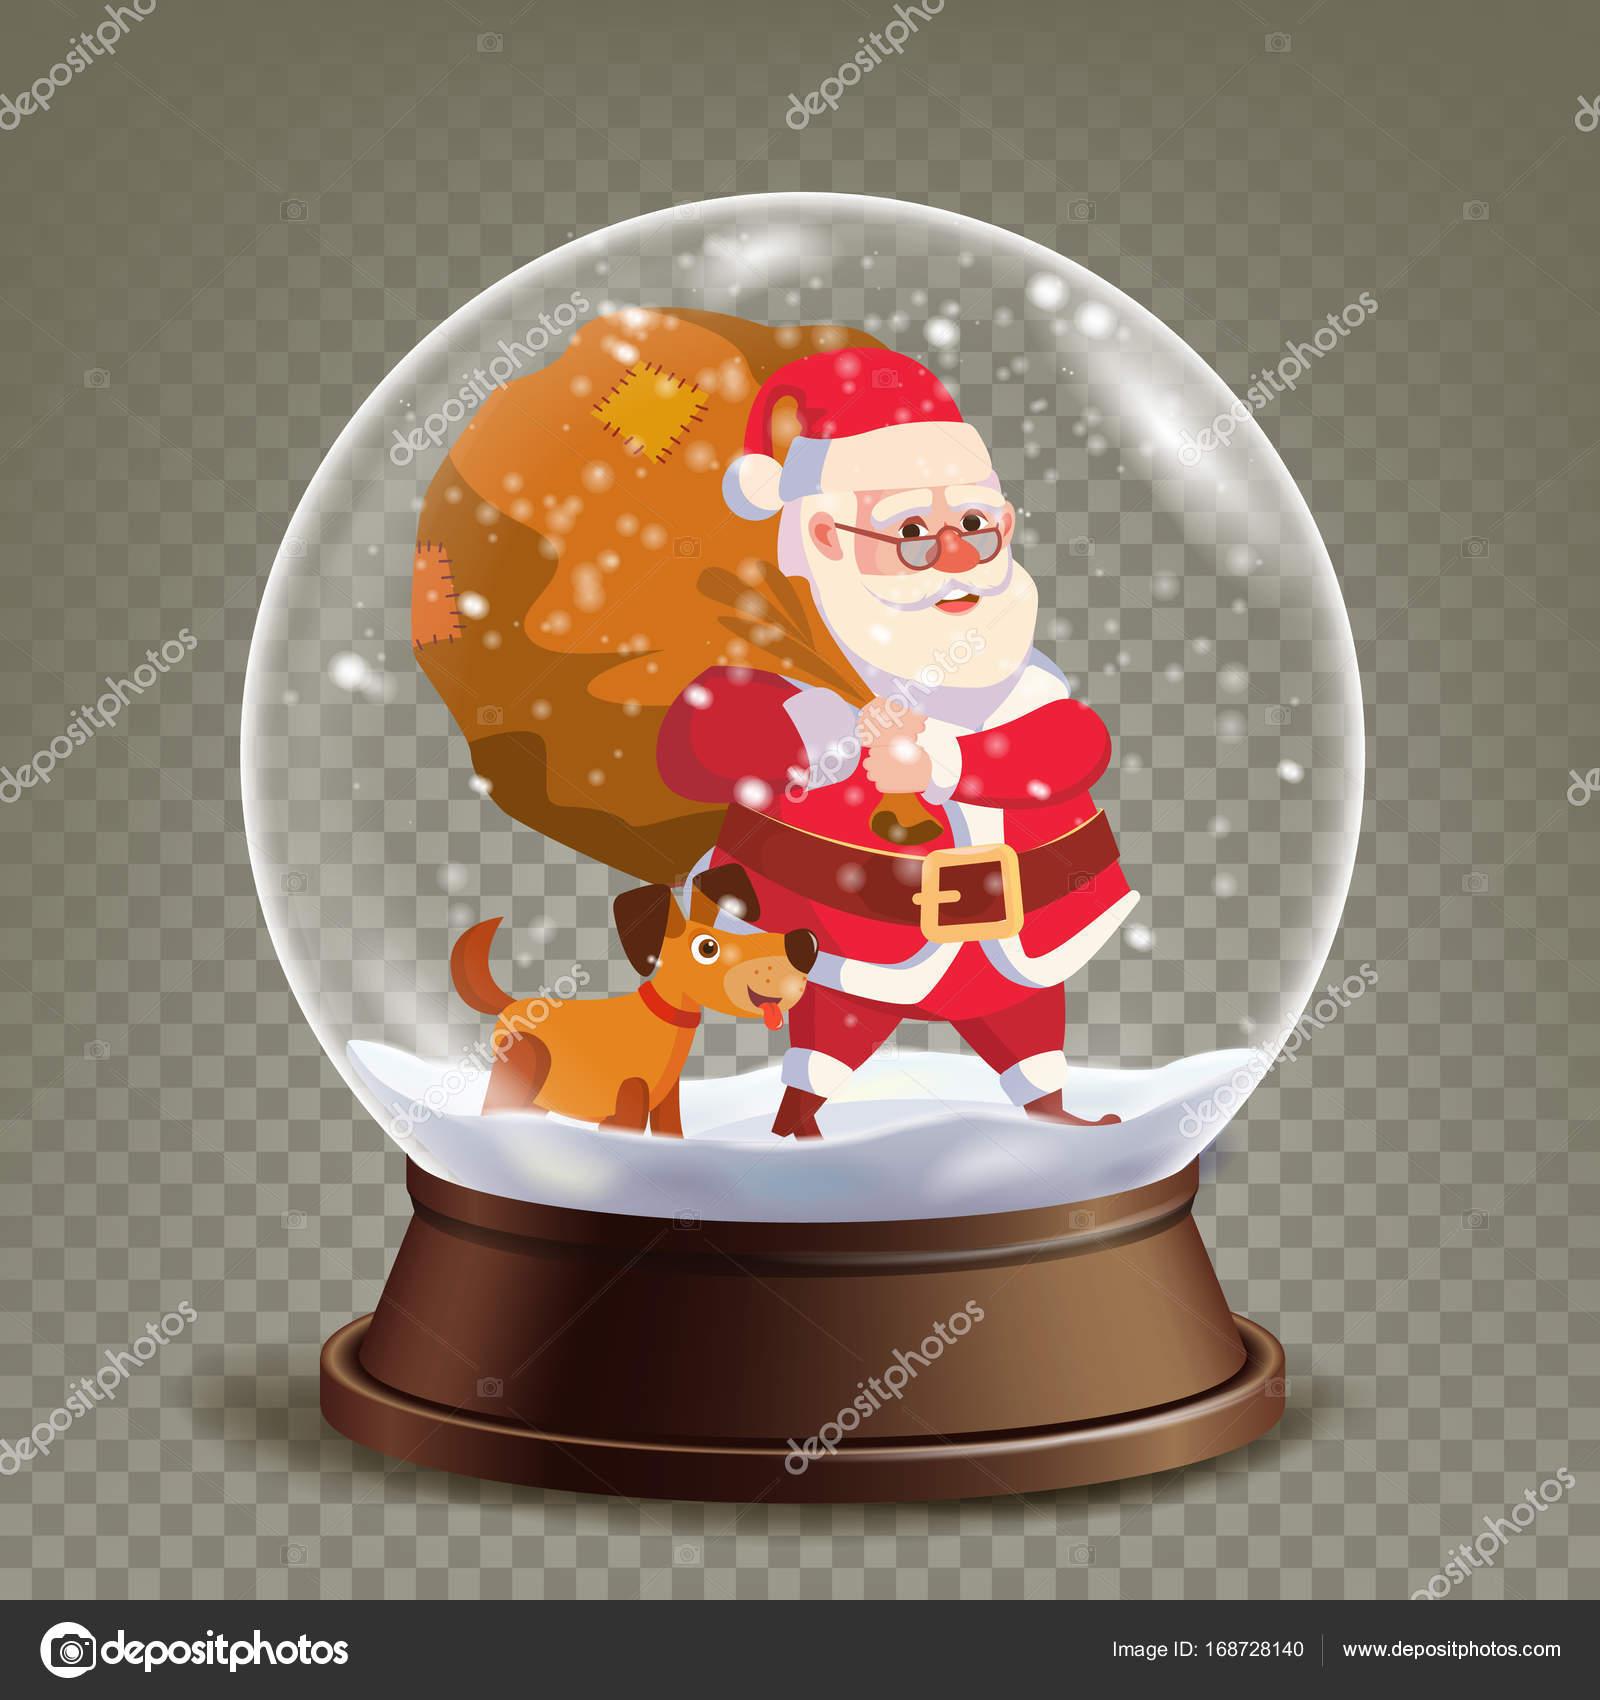 Christmas Snow Globe realistische Vektor. Süßer Weihnachtsmann mit ...